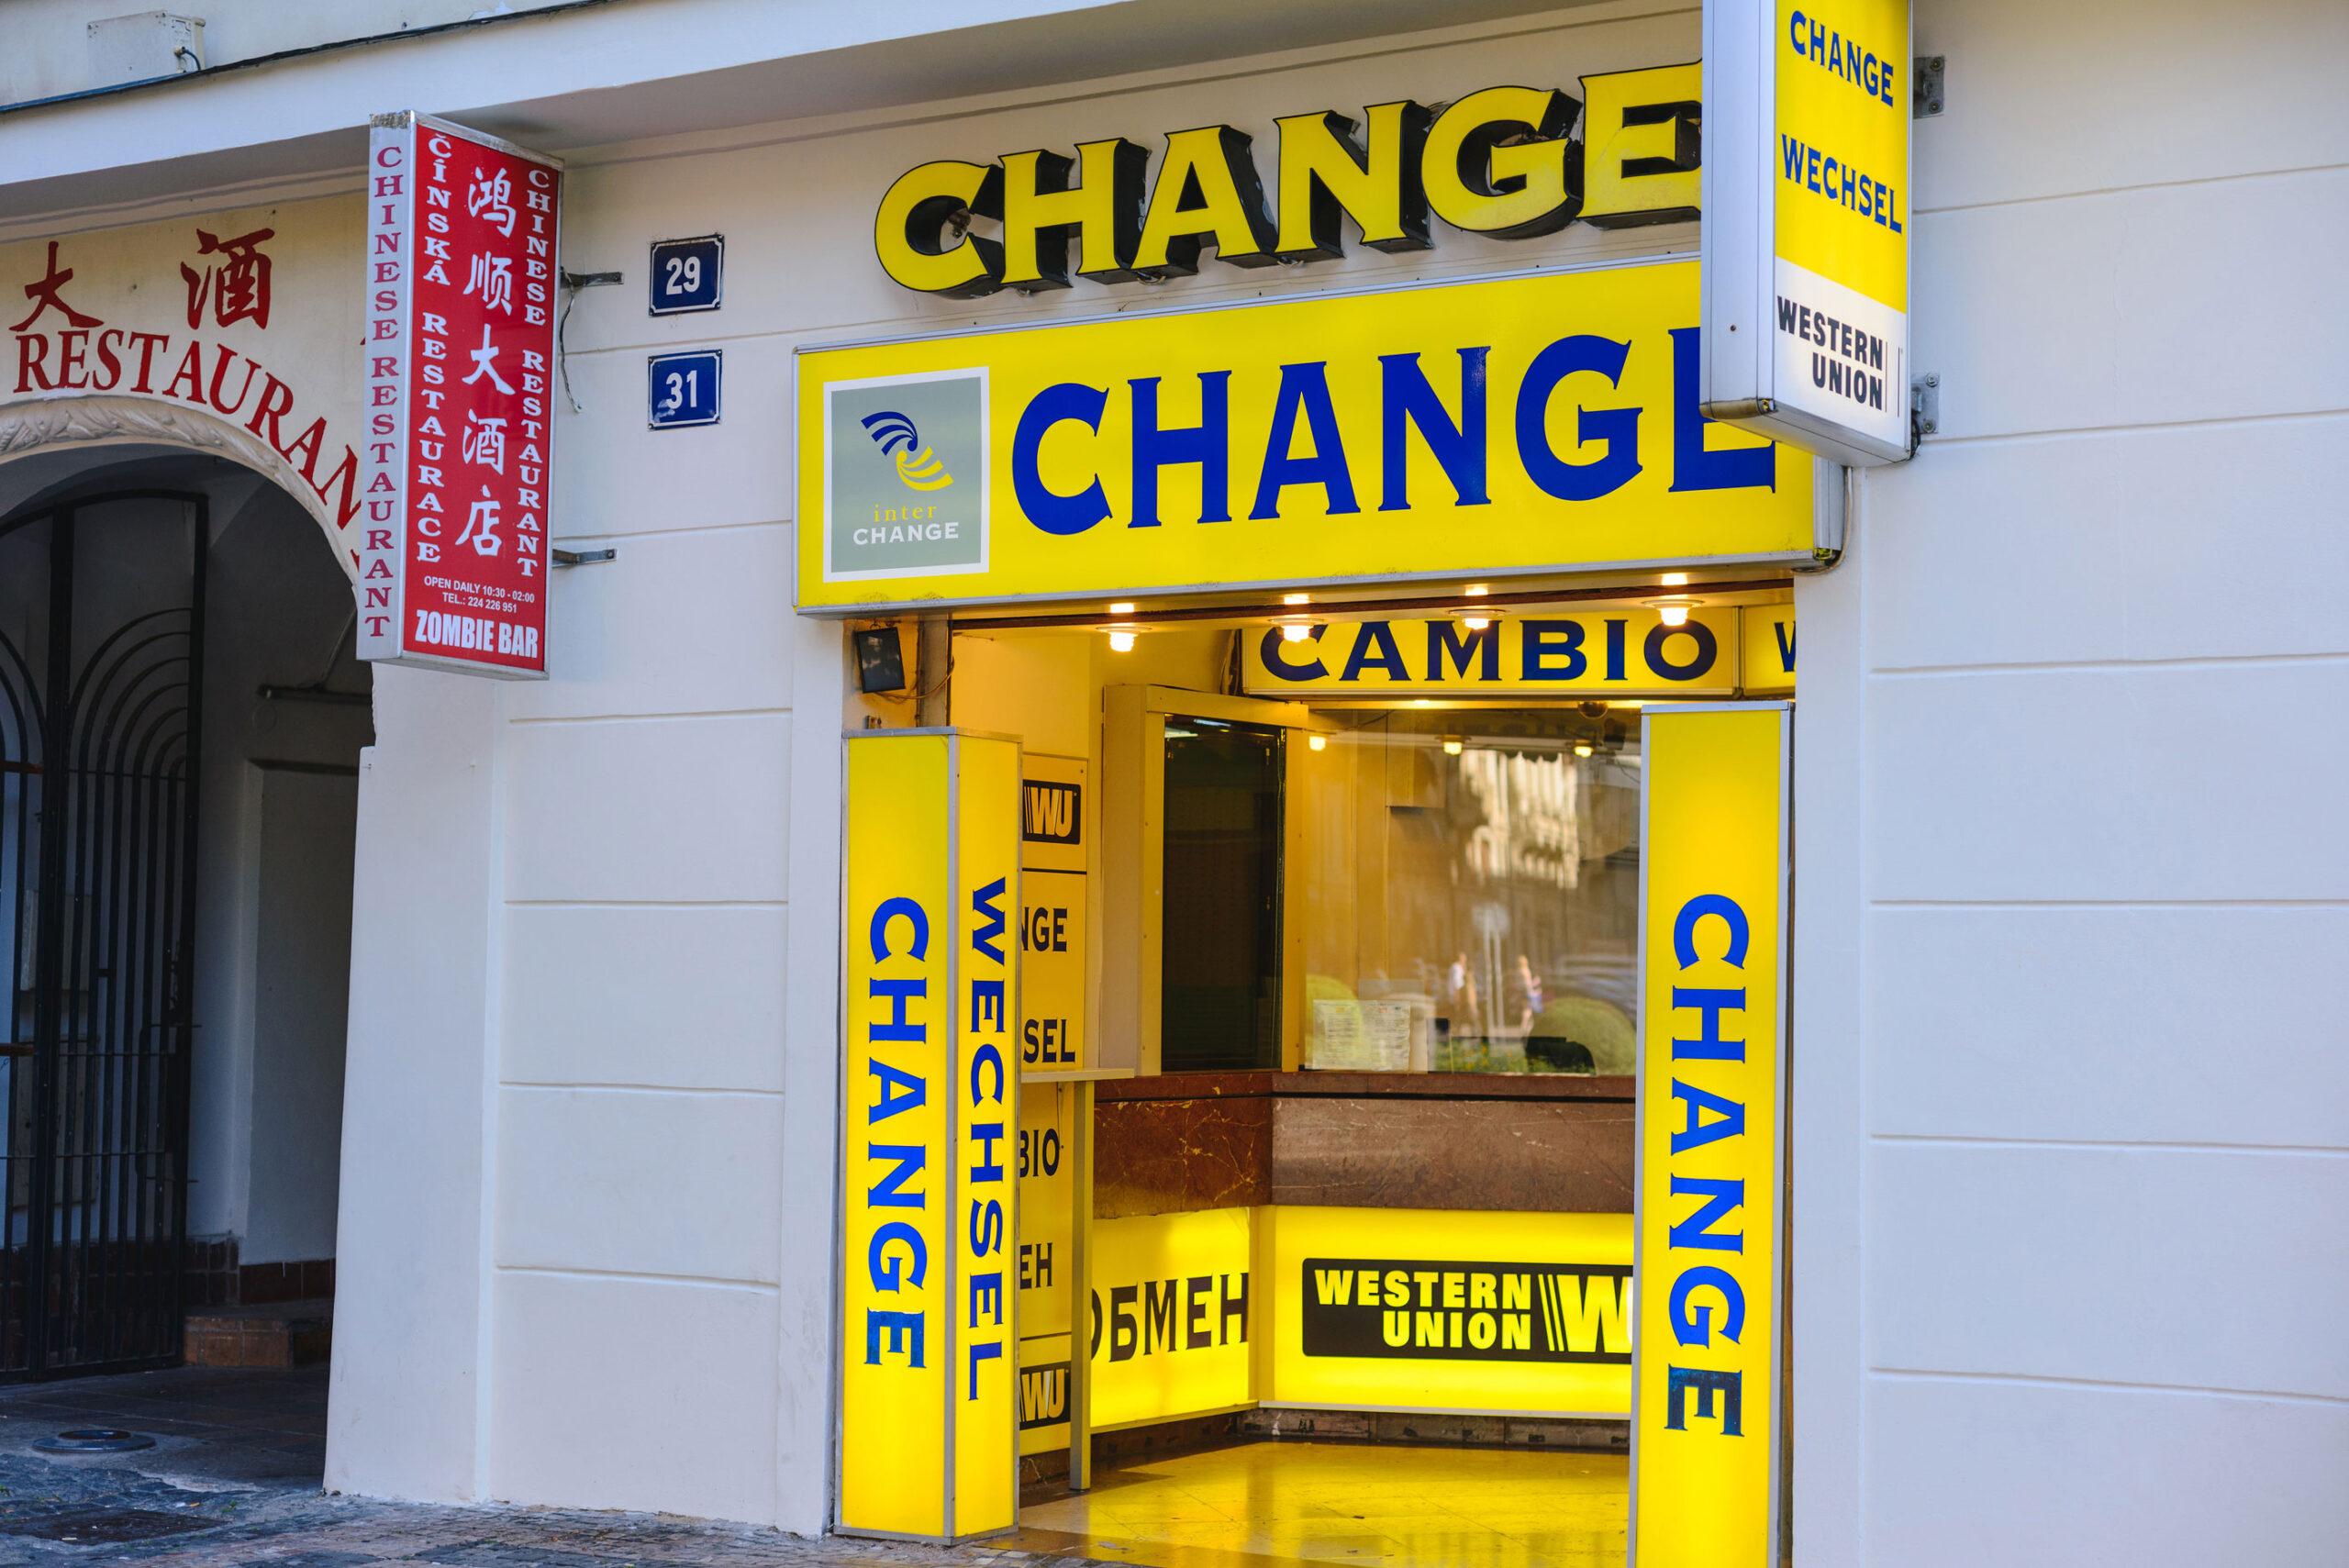 Praha vekslekontor penger valuta vekslekiosk Change penger